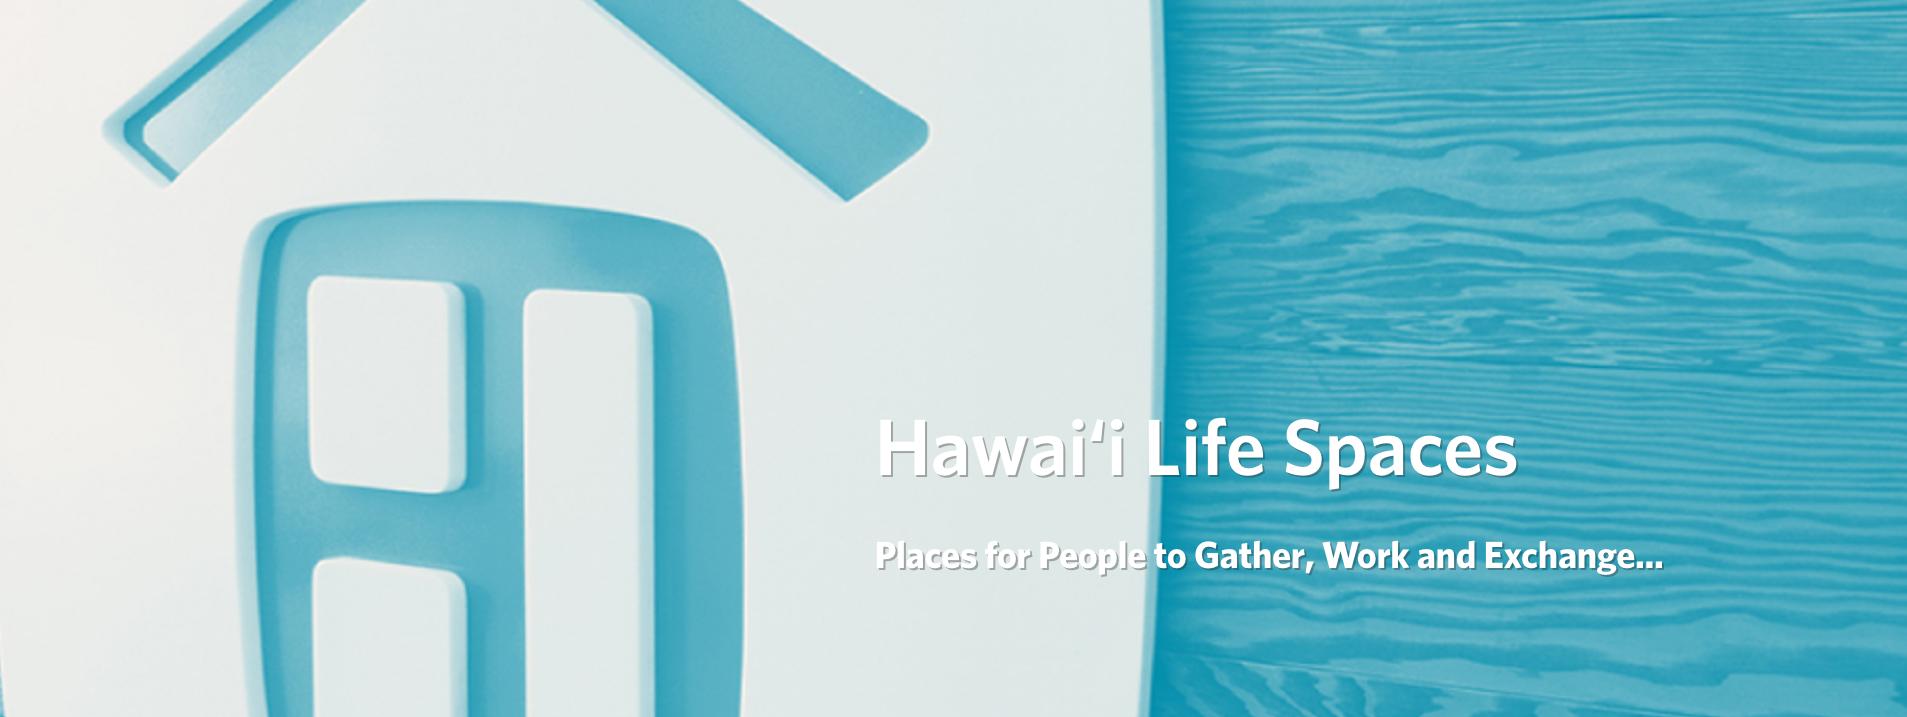 Hawaii Life Real Estate Brokers reviews | Real Estate Agents at 69-201 Waikoloa Beach Drive 2F14 MS401 - Waikoloa Village, HI